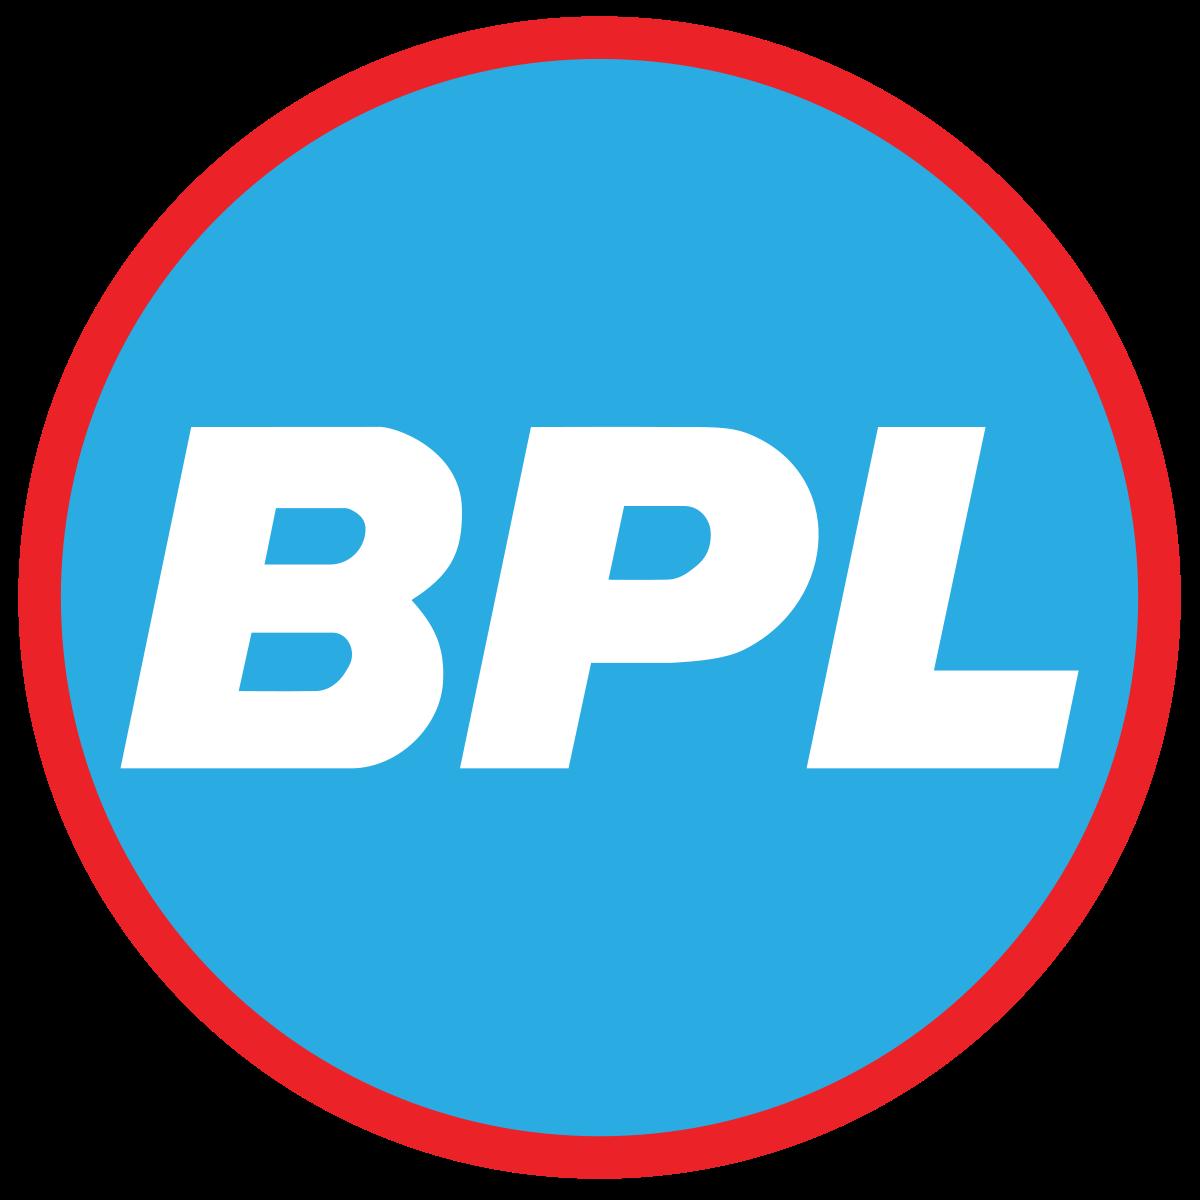 BPL FDV 21 19DA1 Image